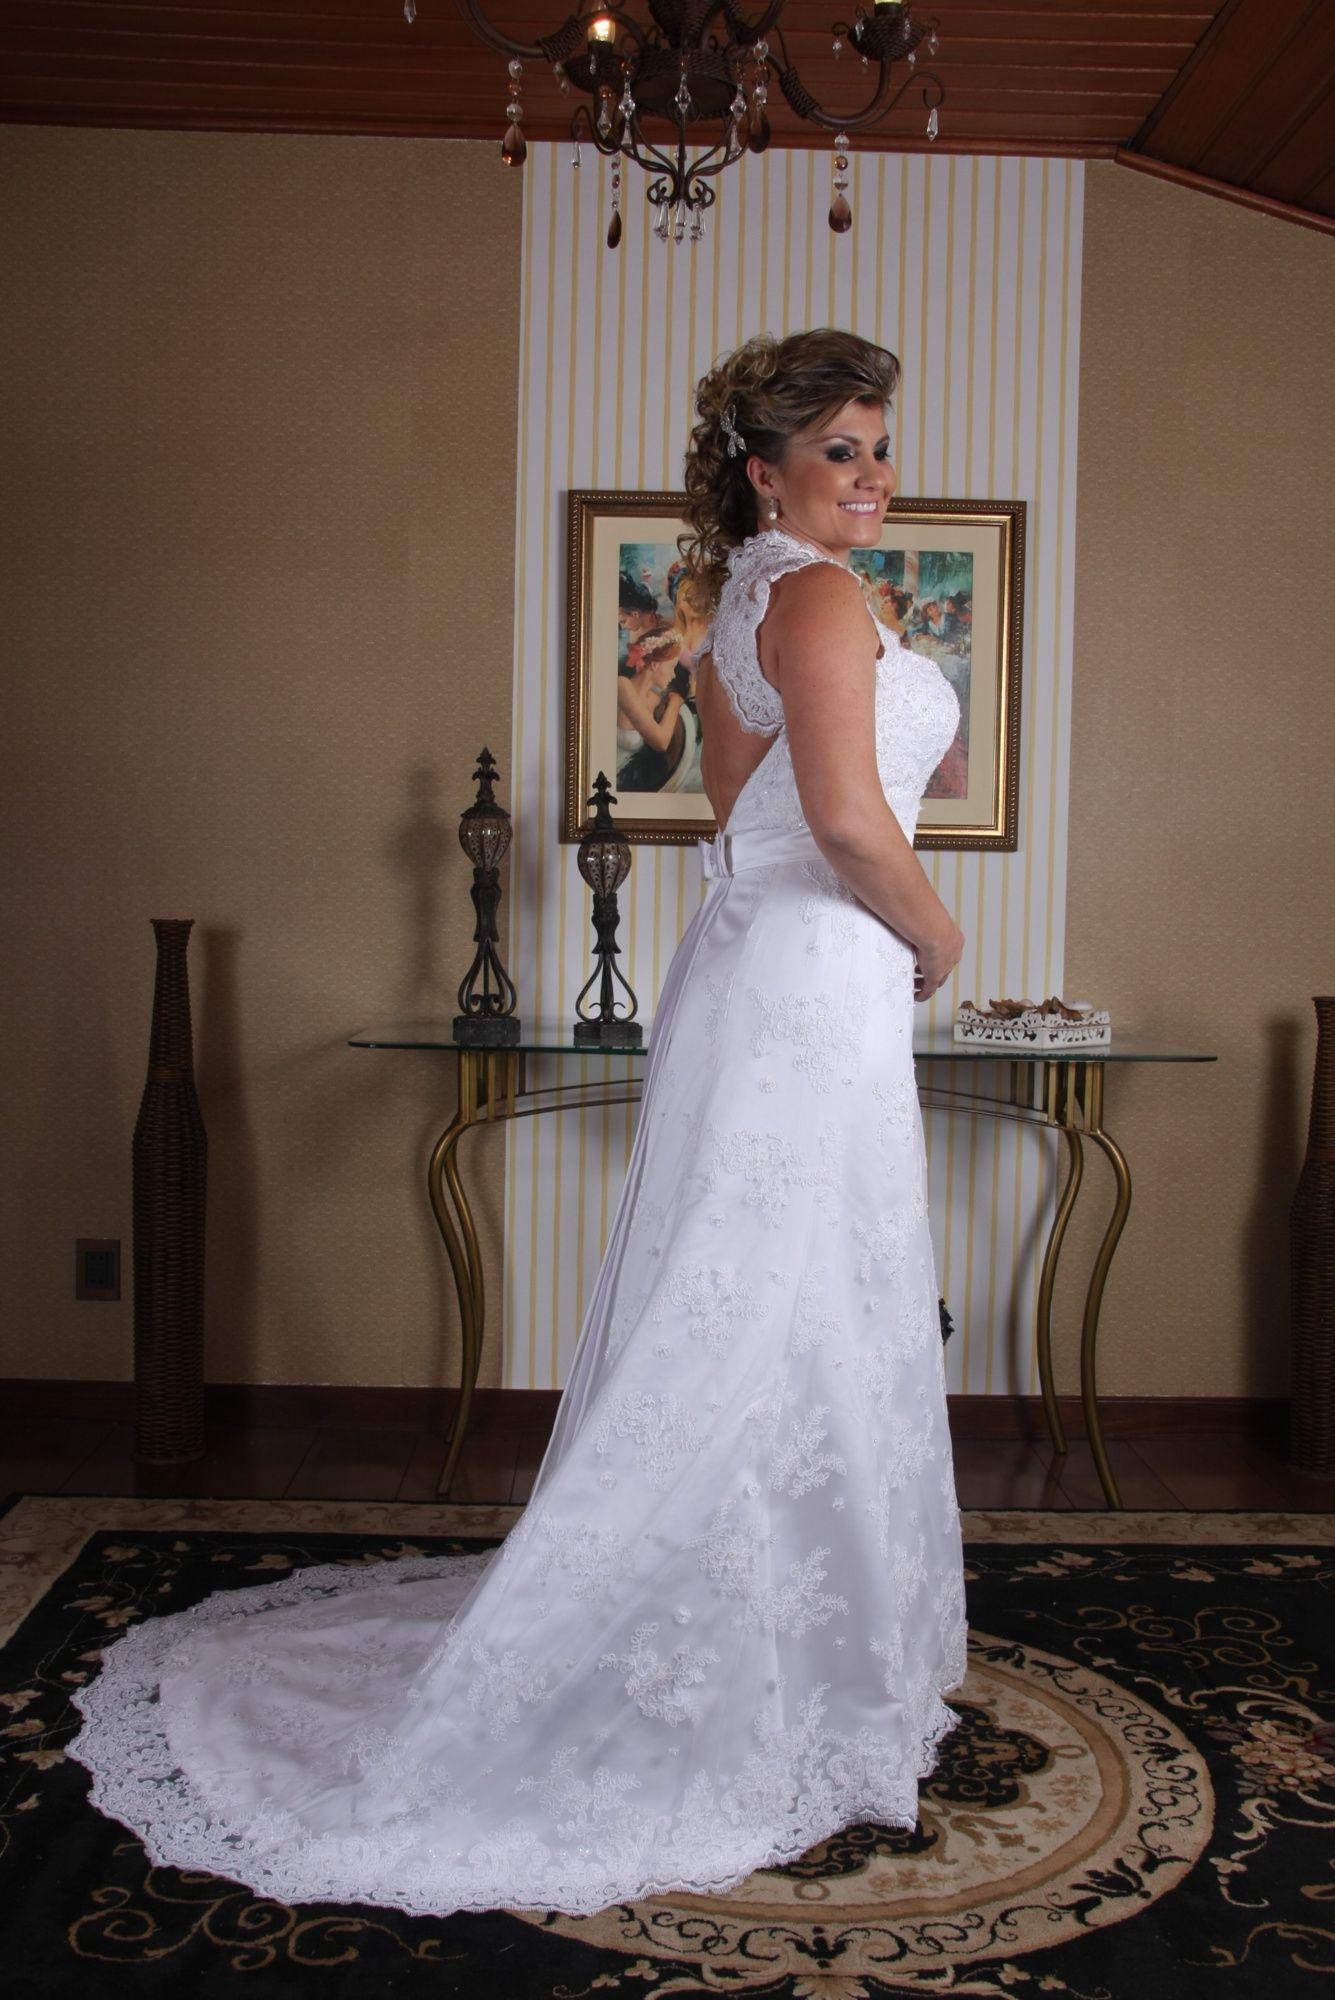 Vestido de Noiva Semi Sereia - 6 - Hipnose Alta Costura e Spa para Noivas e Noivos - Campinas - SP Vestido de Noiva, Vestido de Noiva Semi Sereia, Hipnose Alta Costura